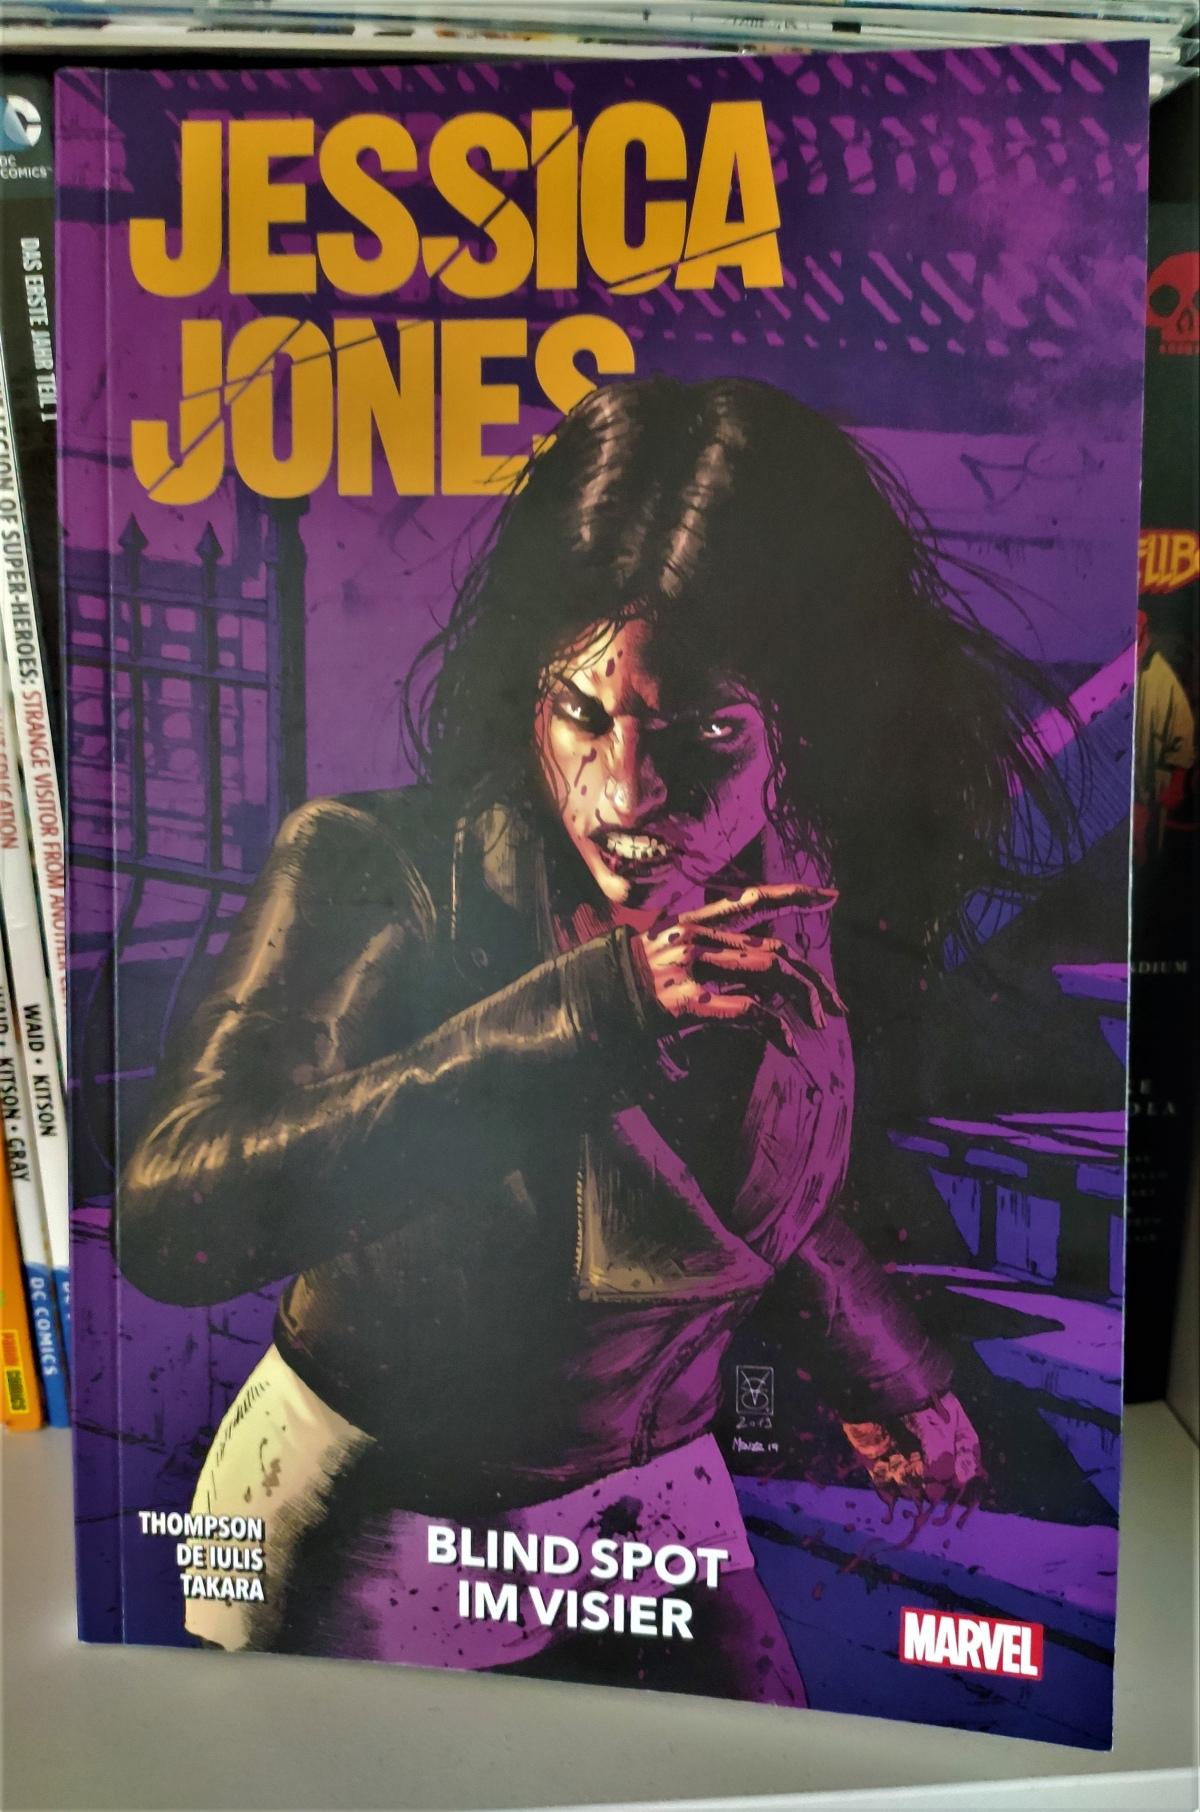 Nerd.Ics liest … Jessica Jones Blindspot: Im Visier |Review